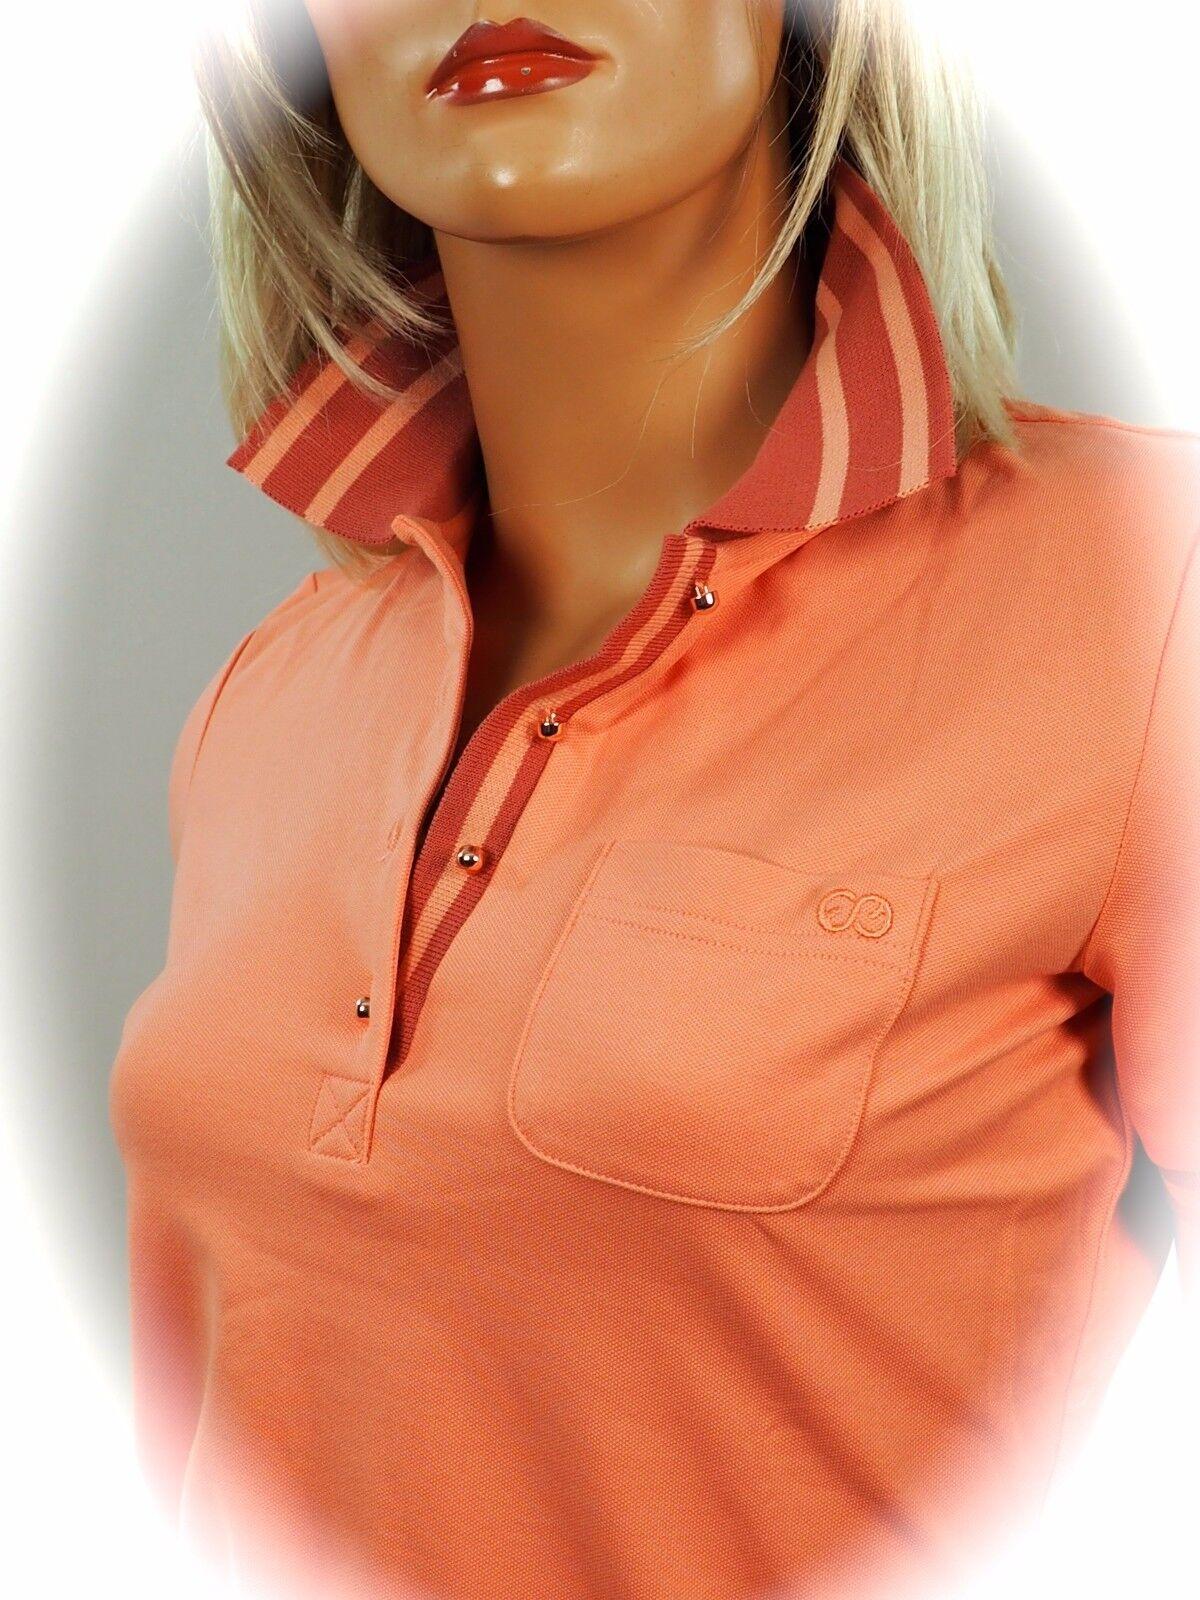 ESCADA SPORT DAUNEN STEPP WESTE SOMMERDAUNE  Rosé Flamingo    Gr. S  36   NEU    | In hohem Grade geschätzt und weit vertrautes herein und heraus  | Deutschland Online Shop  | Attraktives Aussehen  | Auktion  | Bekannt für seine hervorragende Qualität  3f2ecc